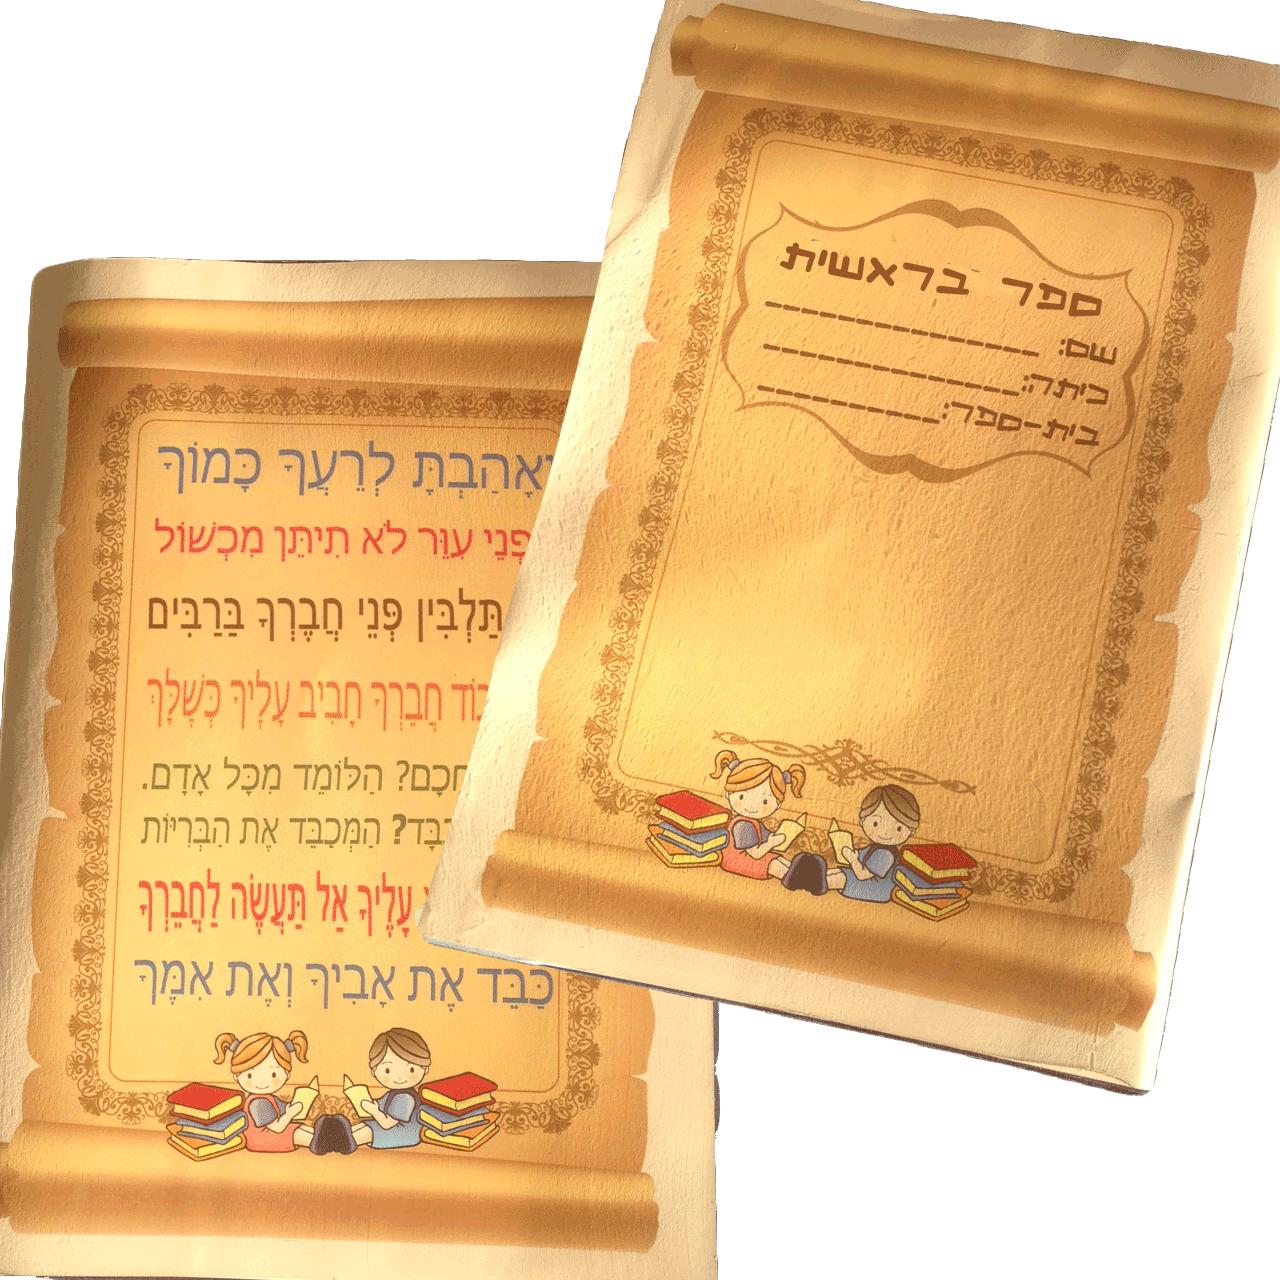 עטיפה לספר בראשית, דגם מגילה, מתנה לקבלת התורה